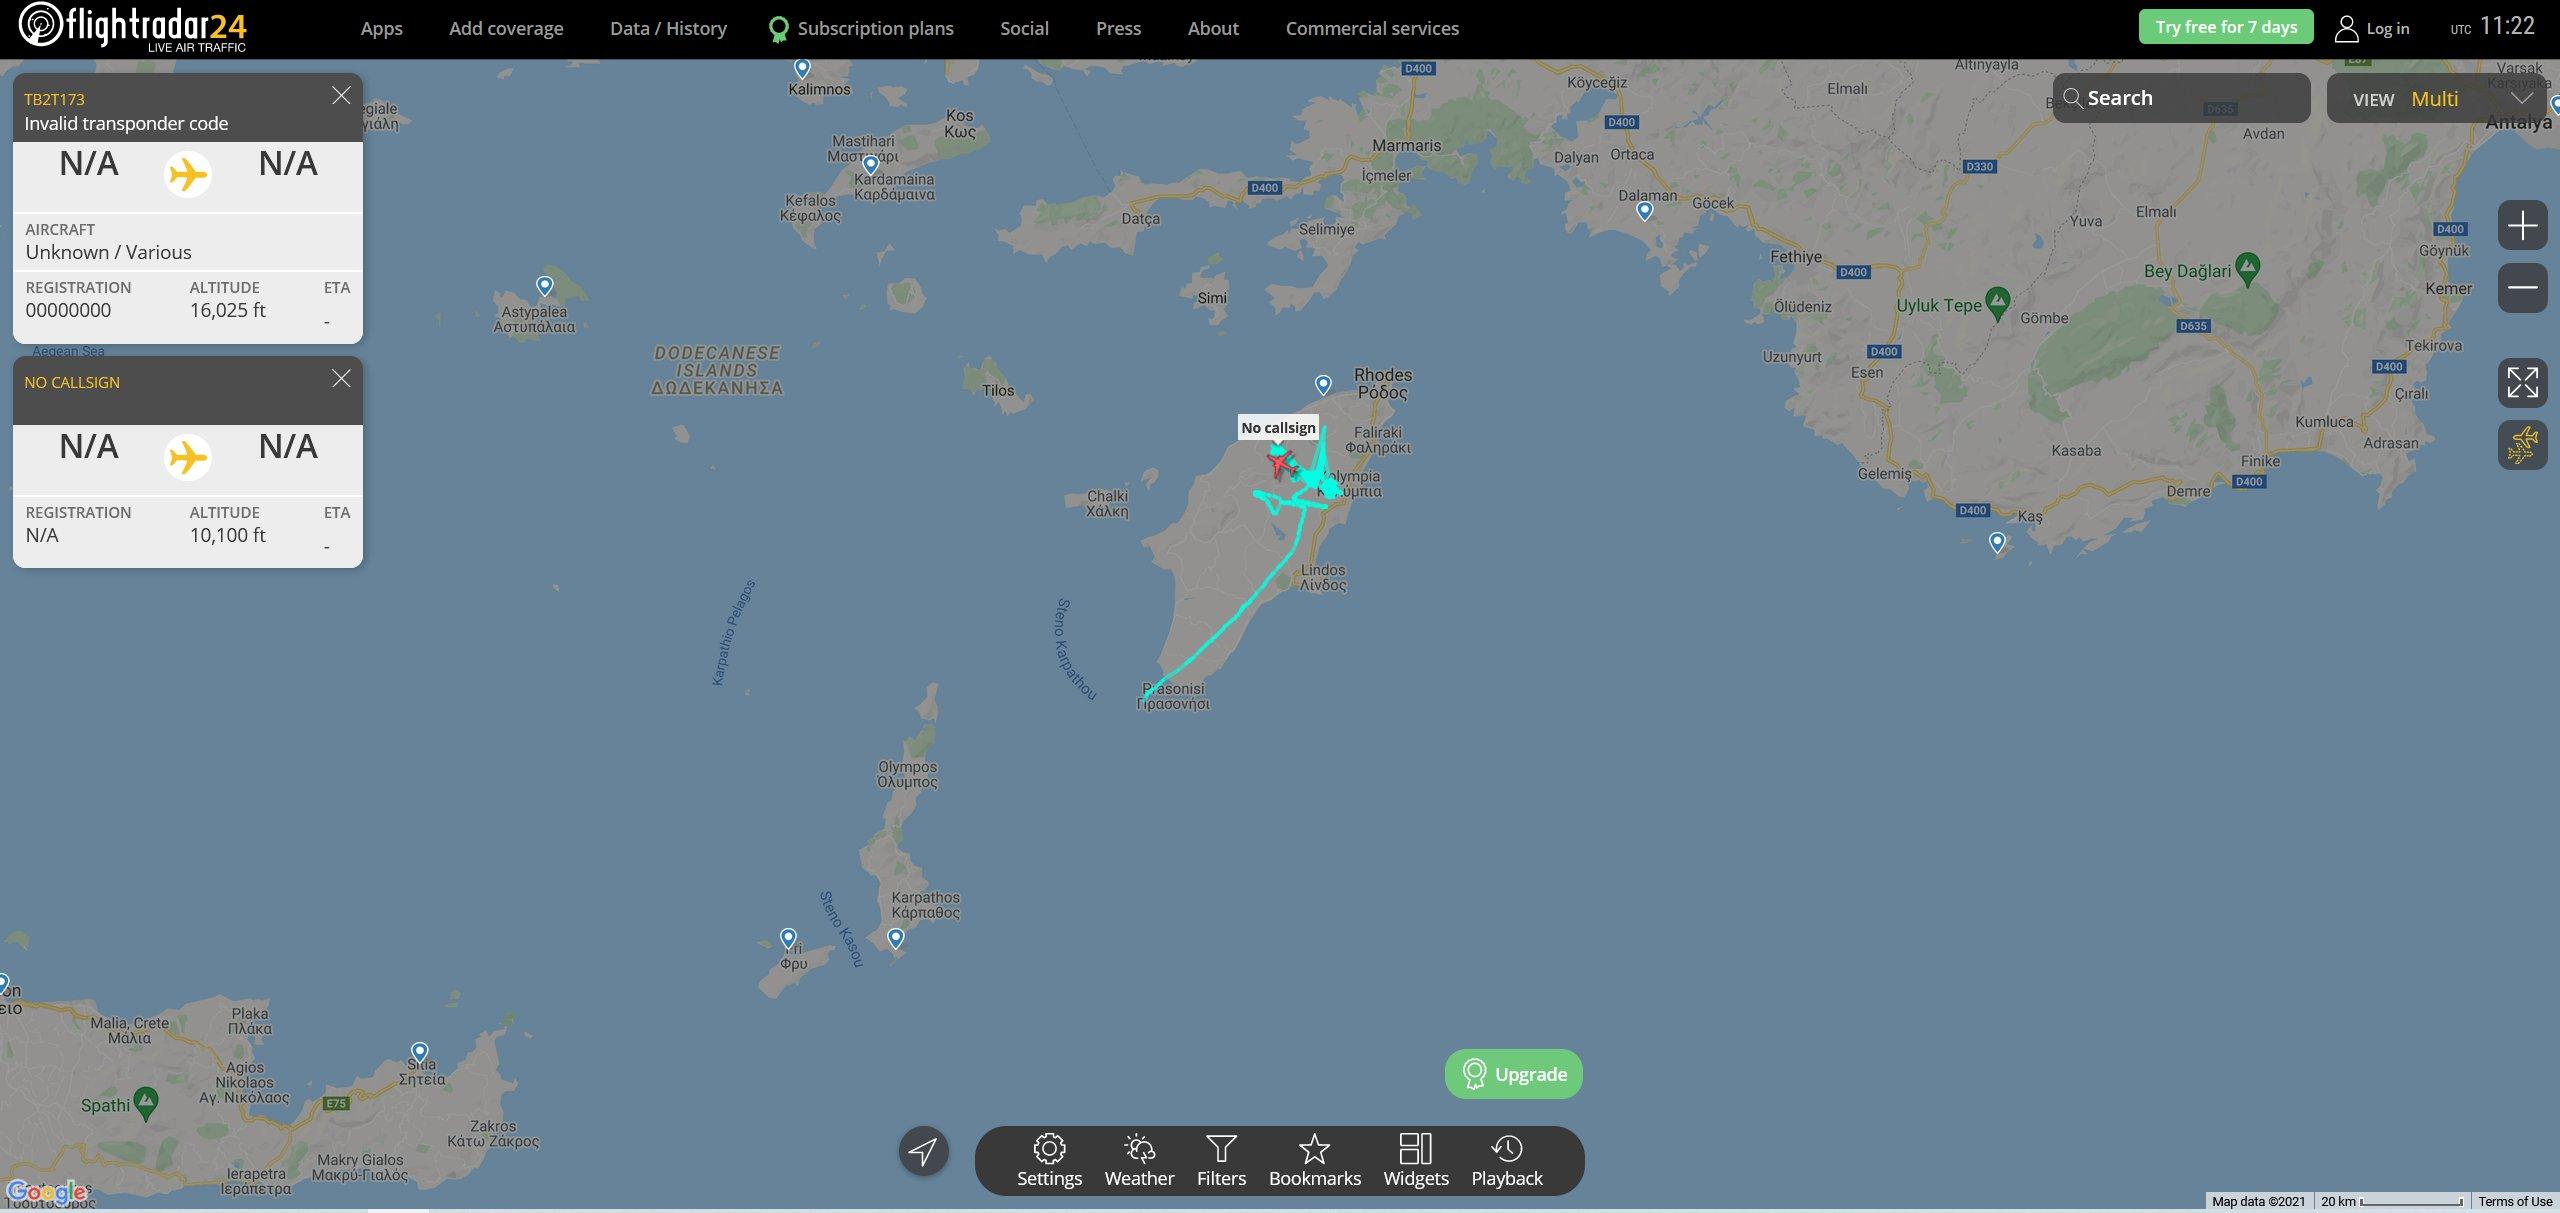 Ελληνοτουρκικά: Ξεκίνησε η μάχη των drones στο Αιγαίο θα μπορούσε να πει κανείς αφού επτά τούρκικα και ένα ελληνικό βρέθηκαν απέναντι.